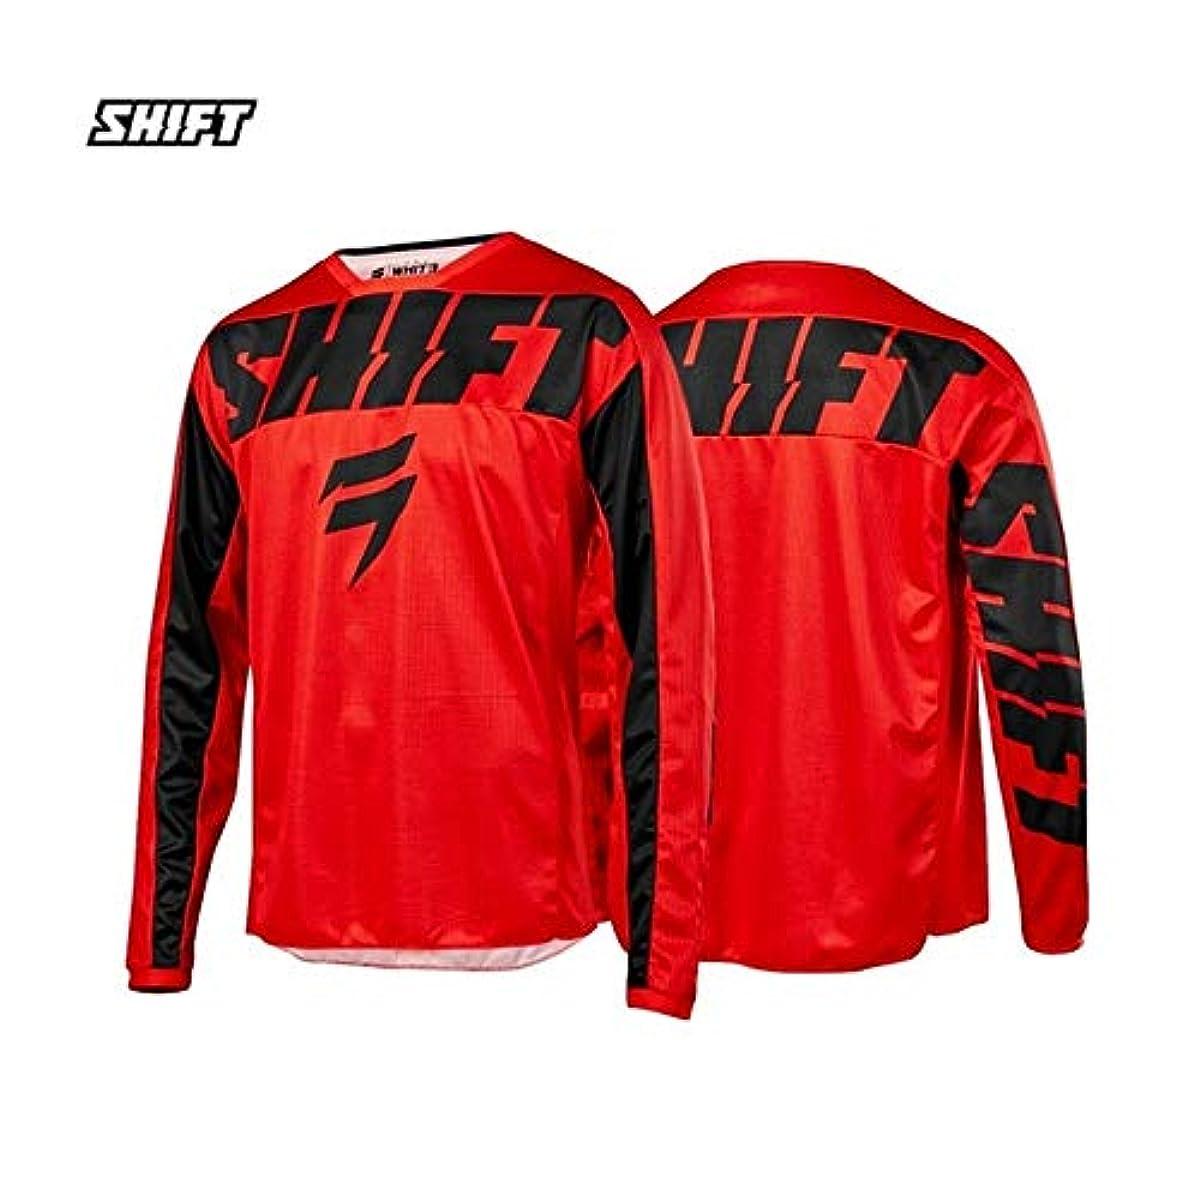 [해외] SHIFT 시프트 저지 모토크로스ROSS 포함 웨어 오프로드 저지 downhill 오토바이 앤듀로 수분 발산 통기성 희다 : RED, SIZE : XL